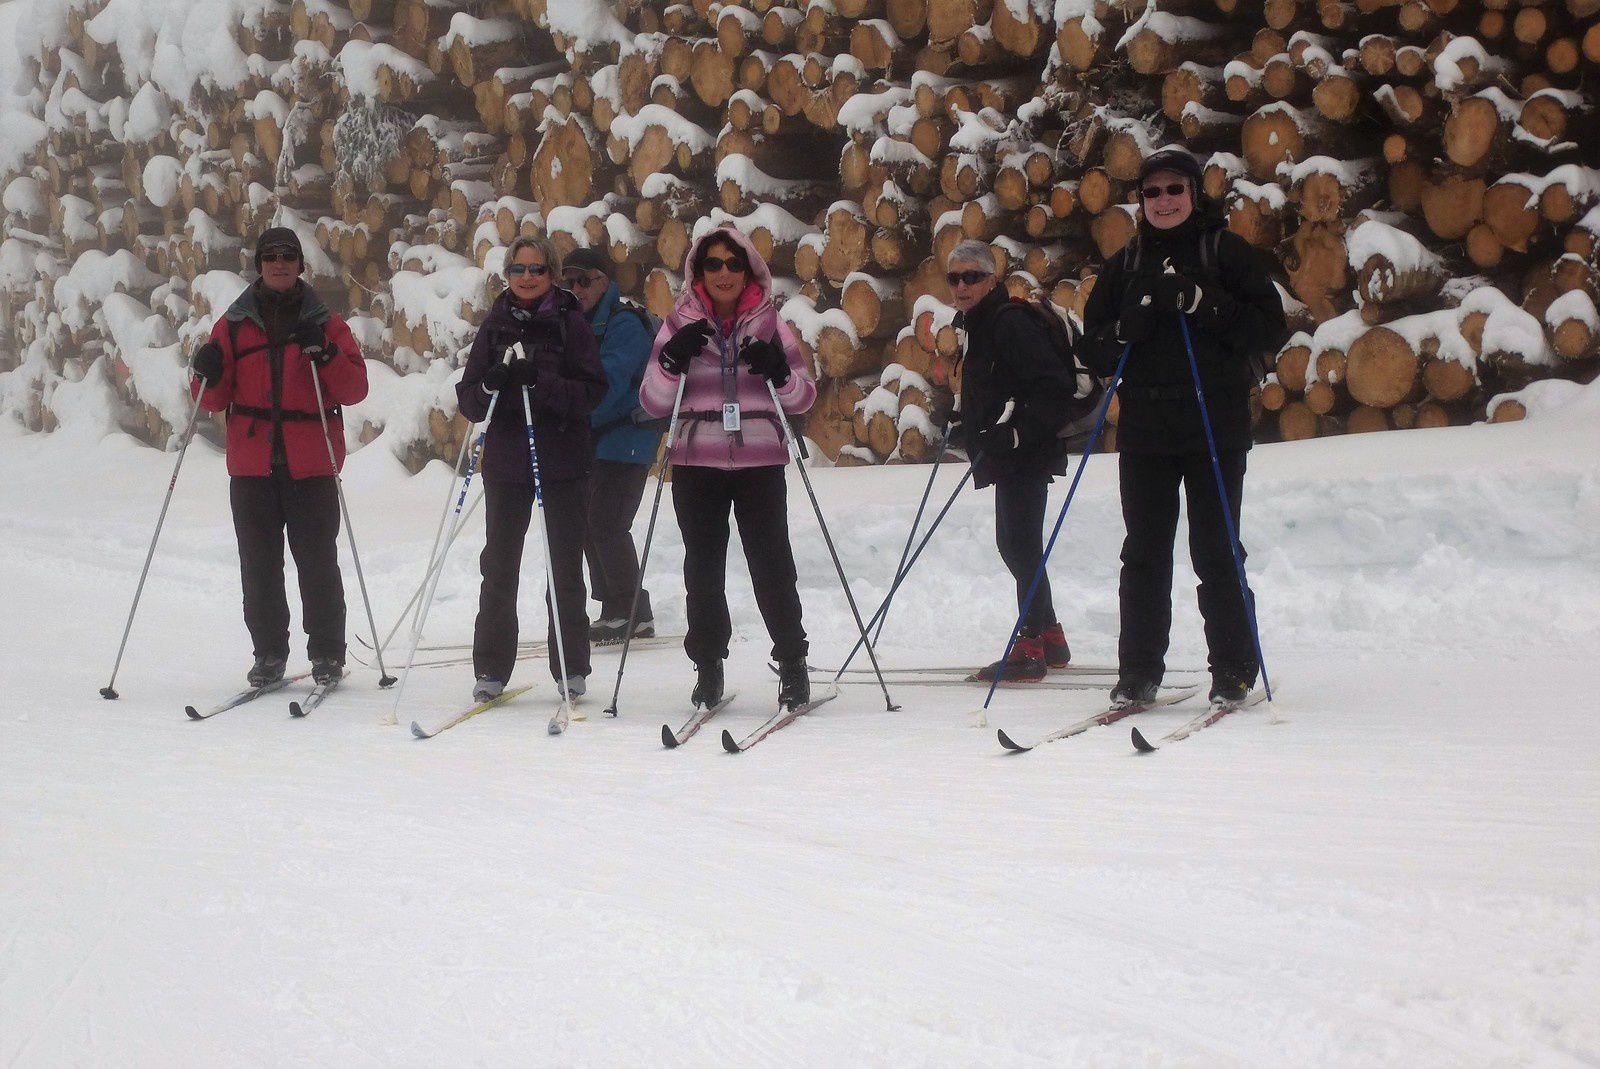 La qualité de la neige est variable pour skier